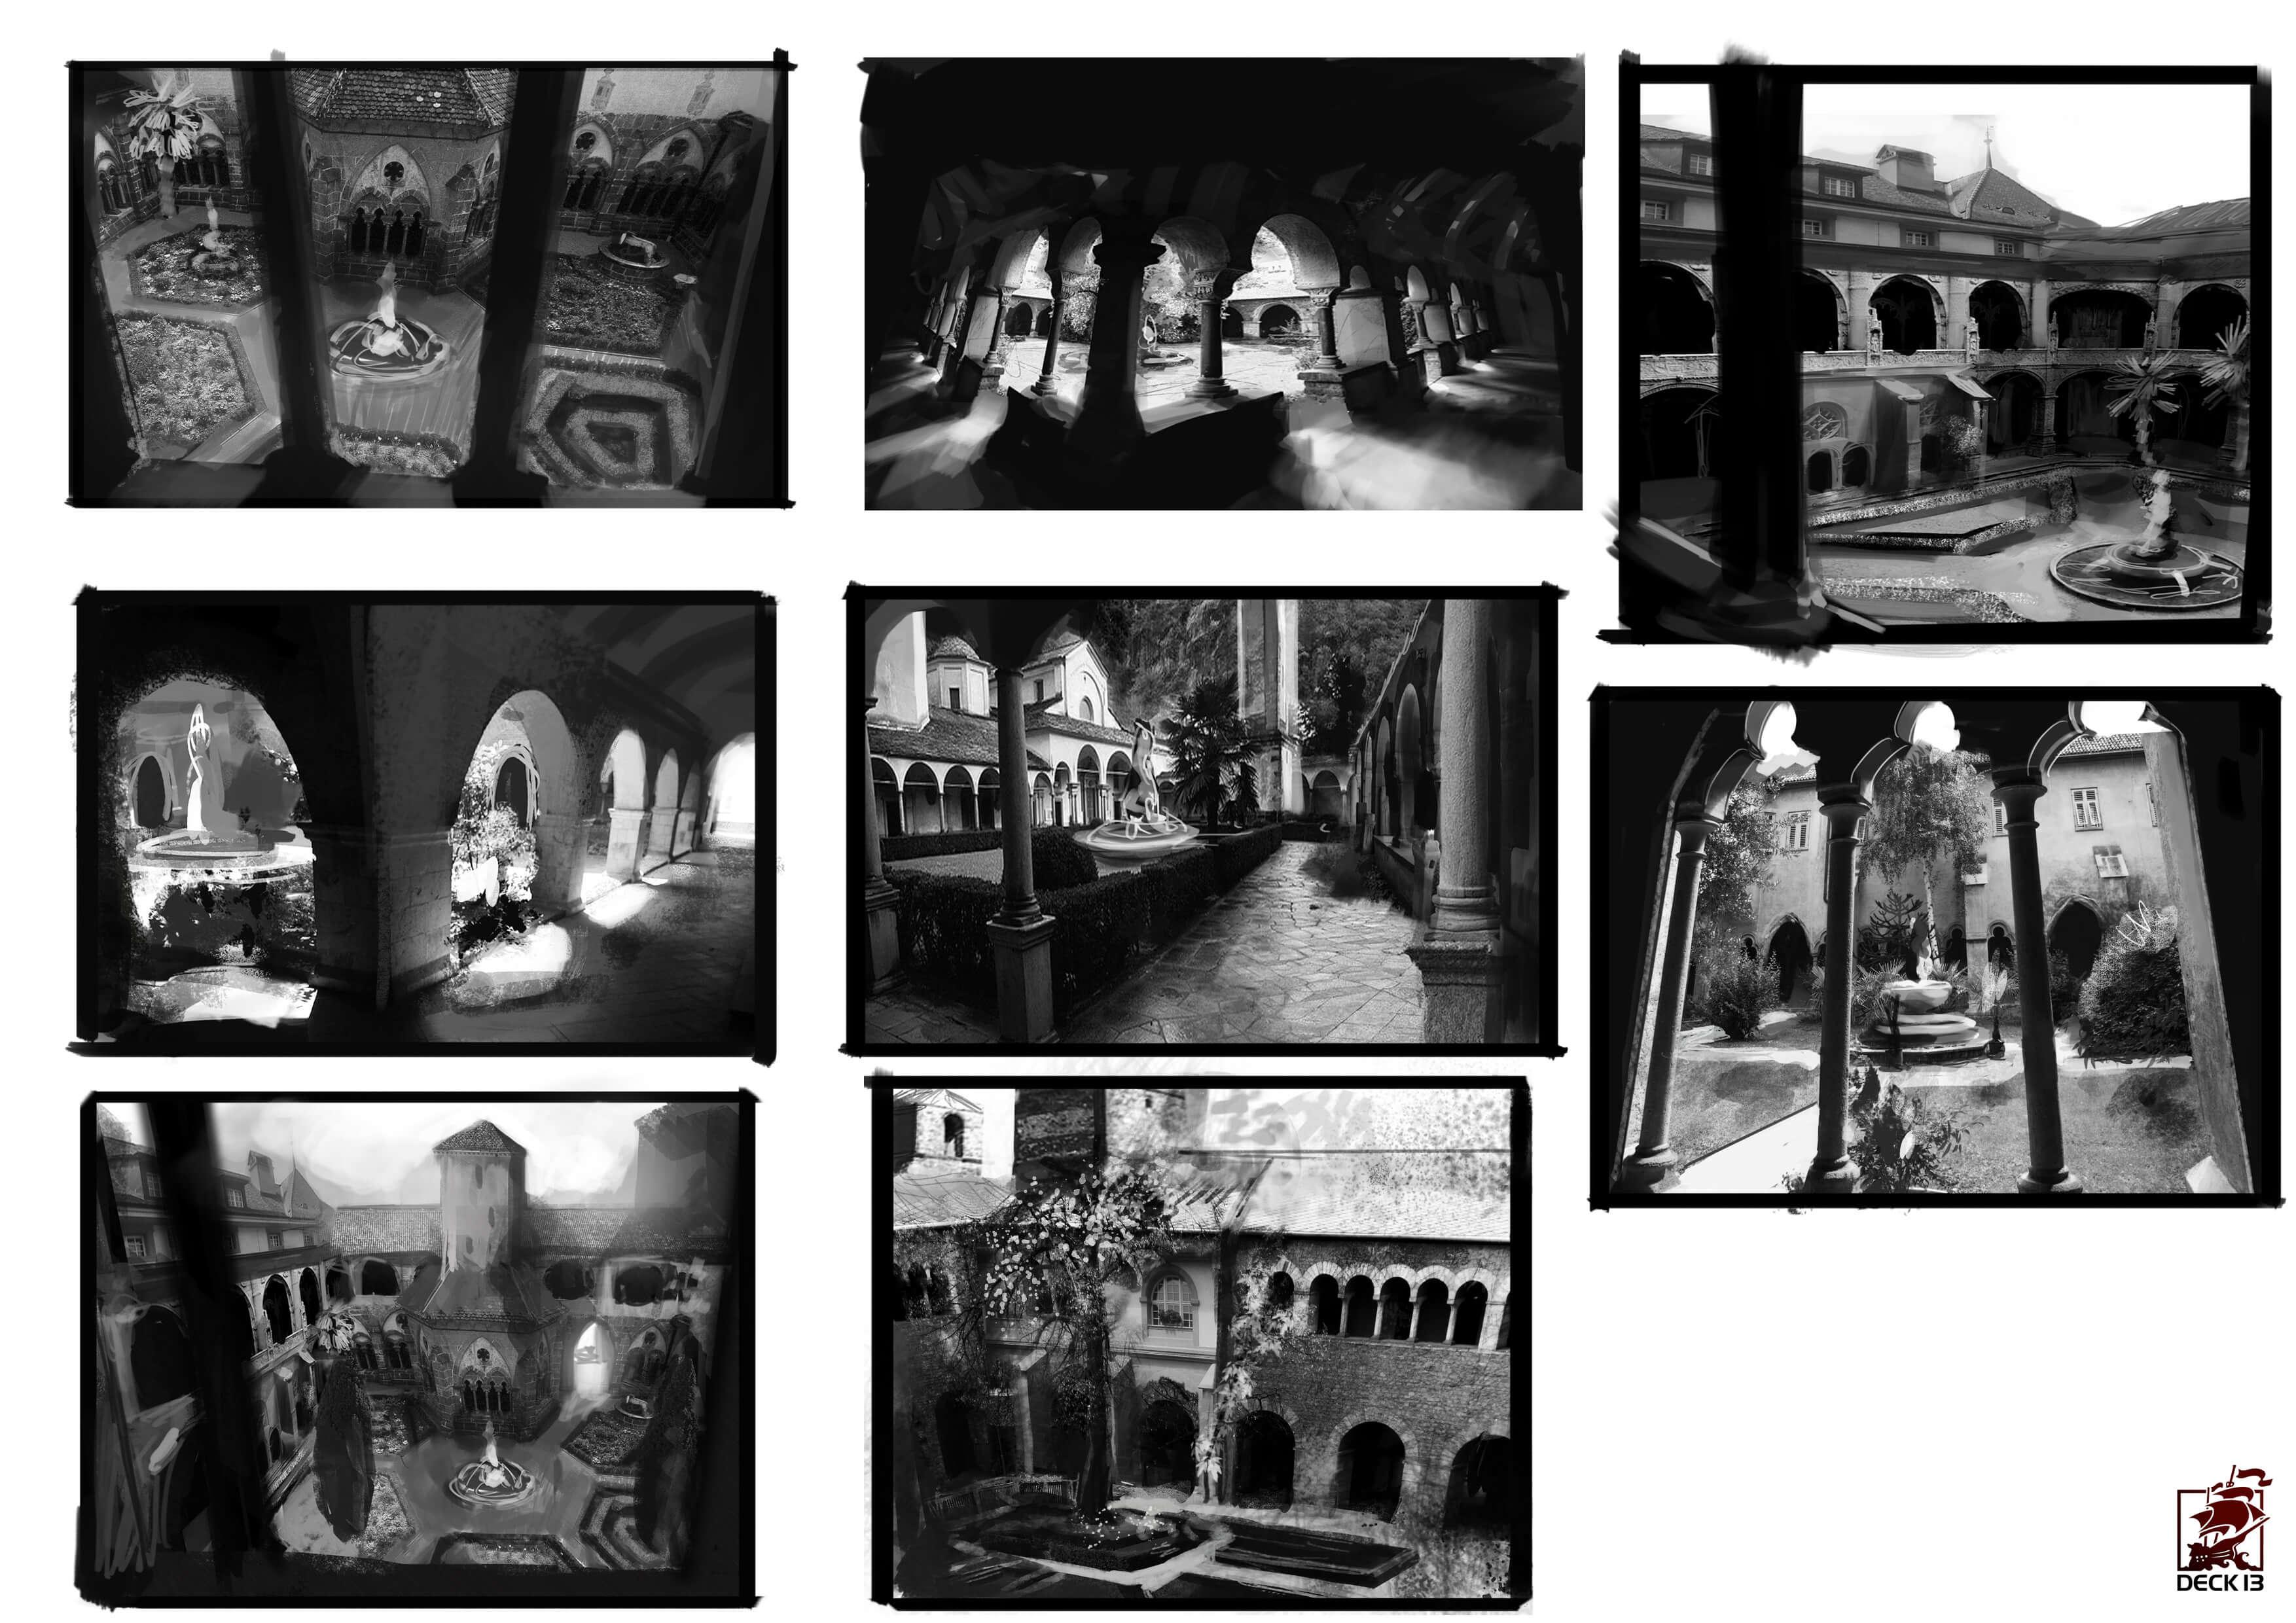 jade-rousseau-deck13-felix-haas-abbey_yard_001